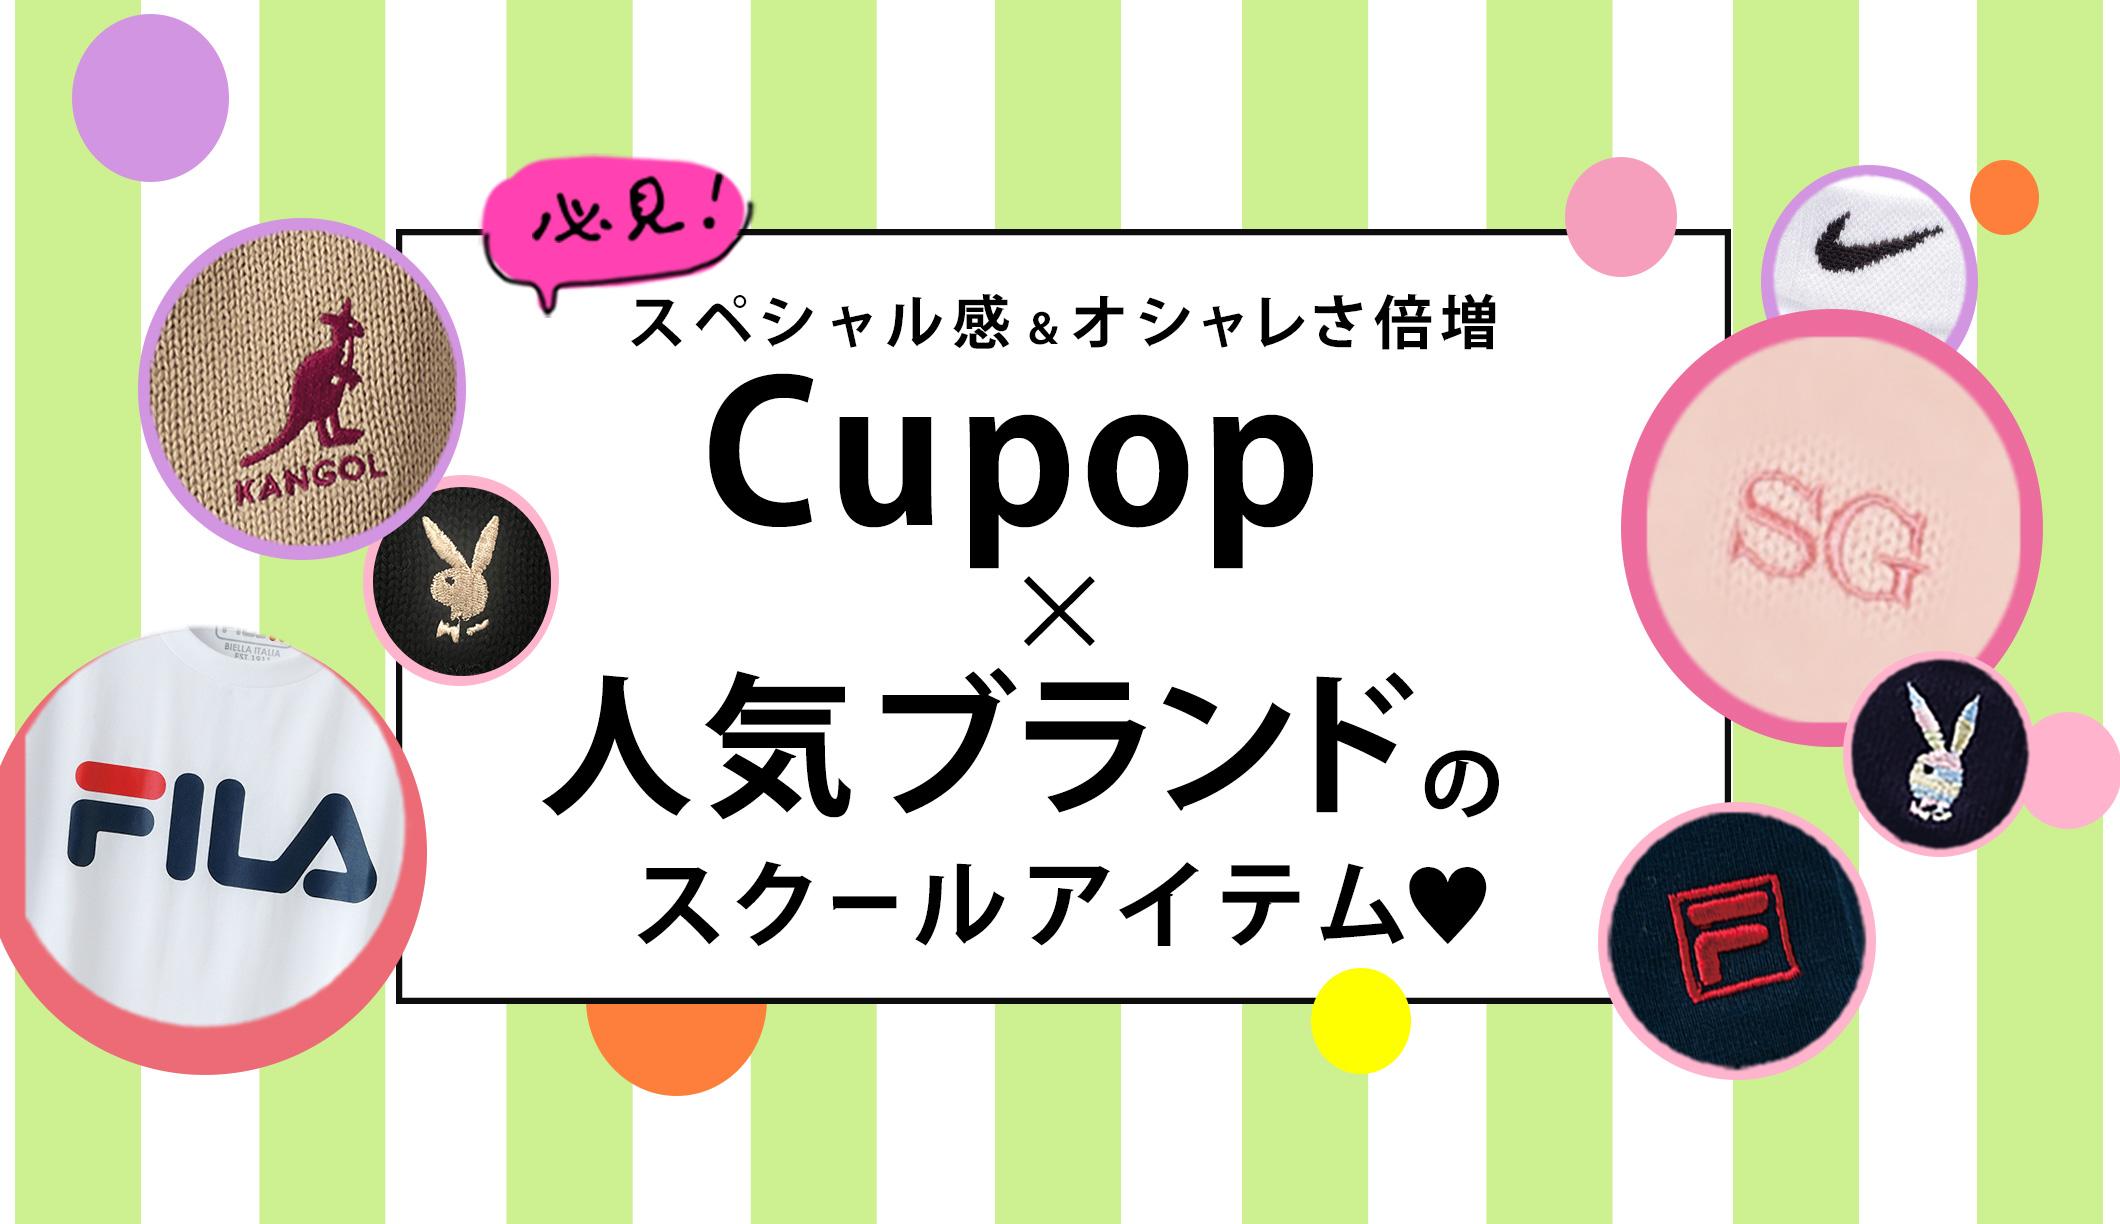 Cupop×人気ブランドのスクールアイテム